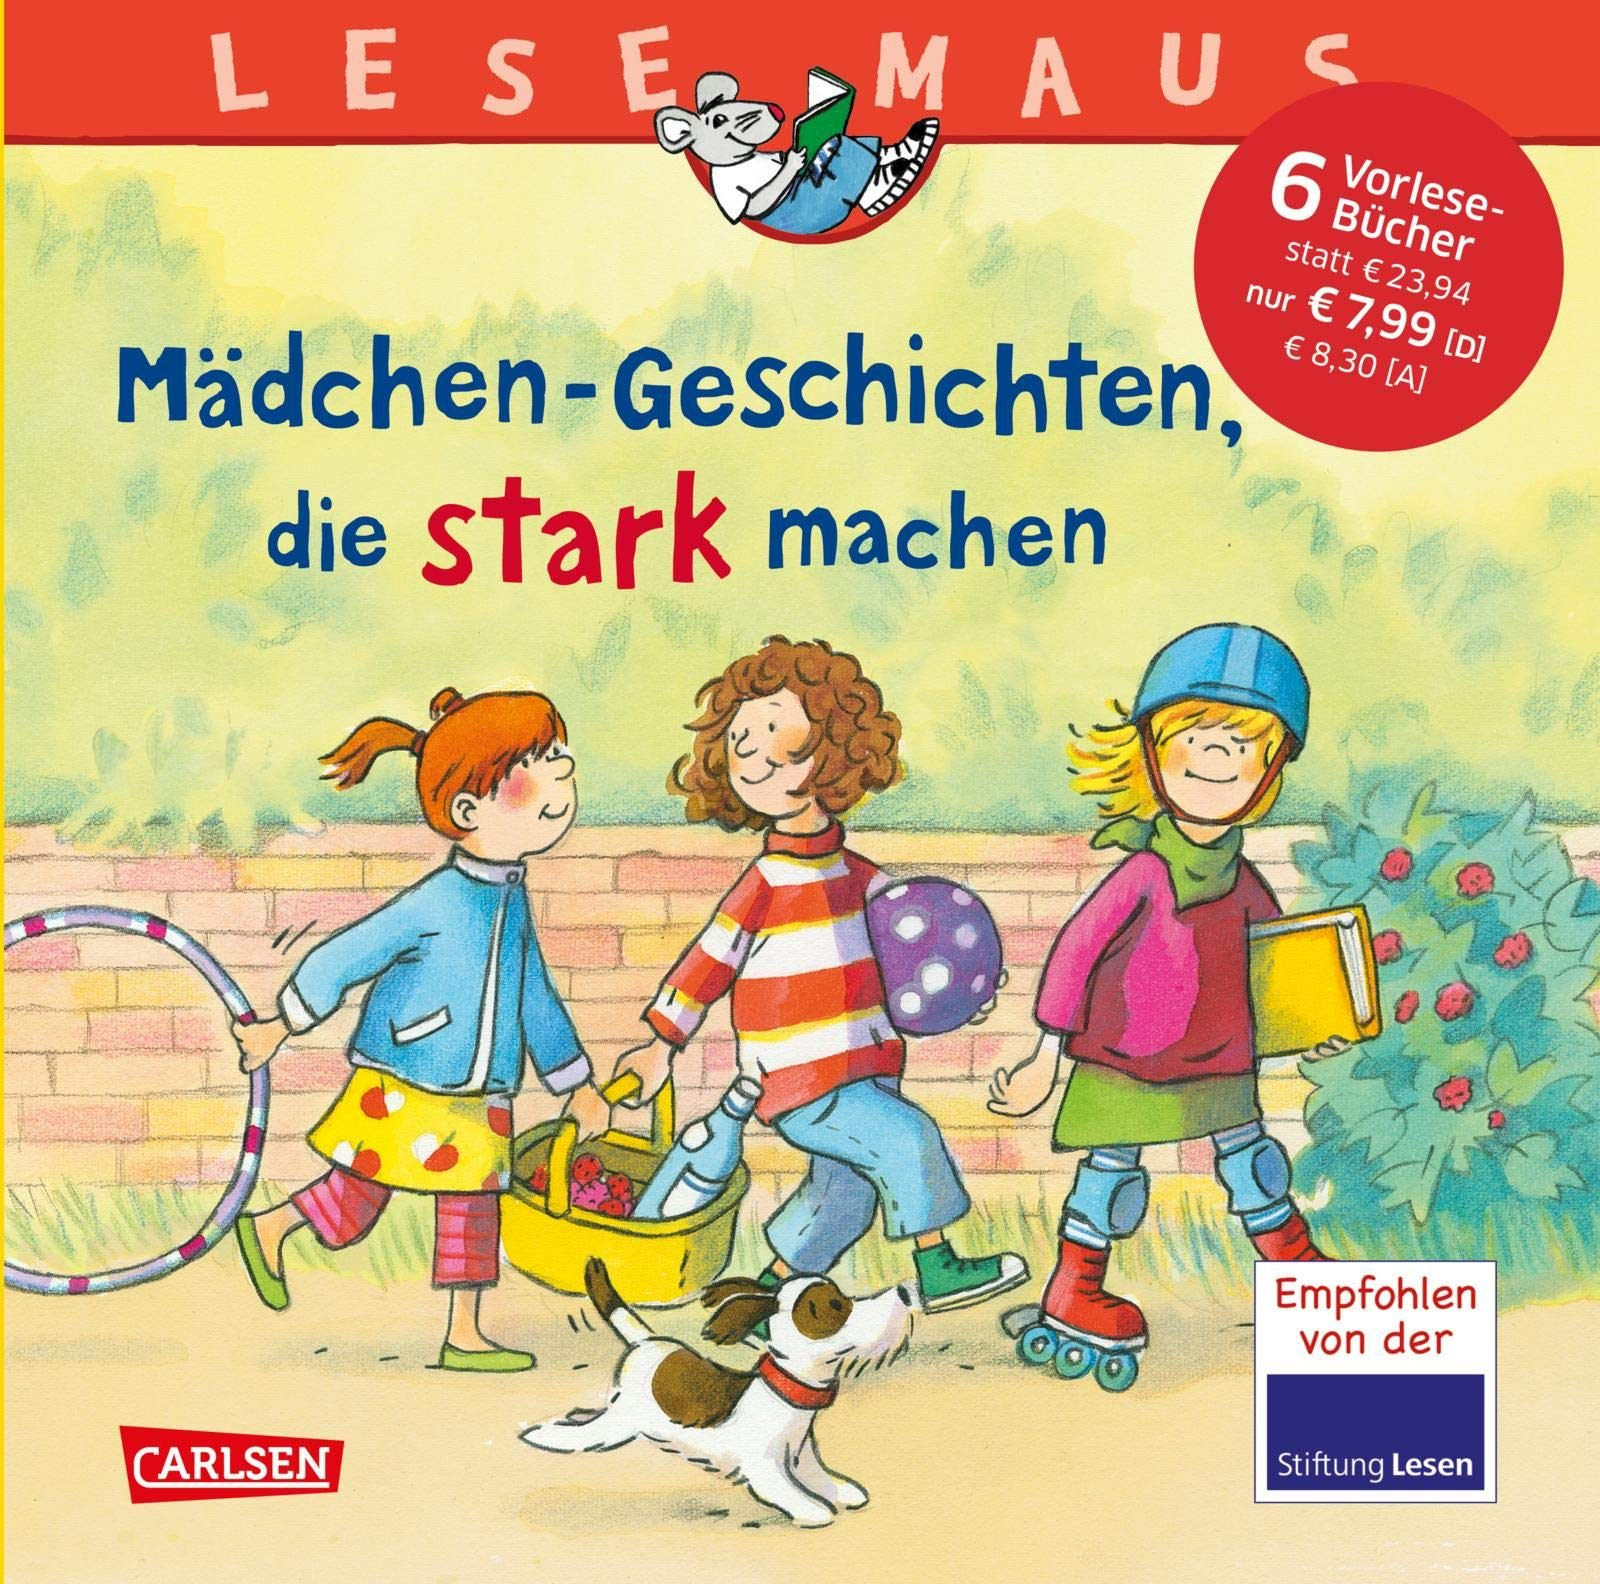 LESEMAUS Sonderbände  Mädchen Geschichten Die Stark Machen  Sechs Geschichten Zum Anschauen Und Vorlesen In Einem Band